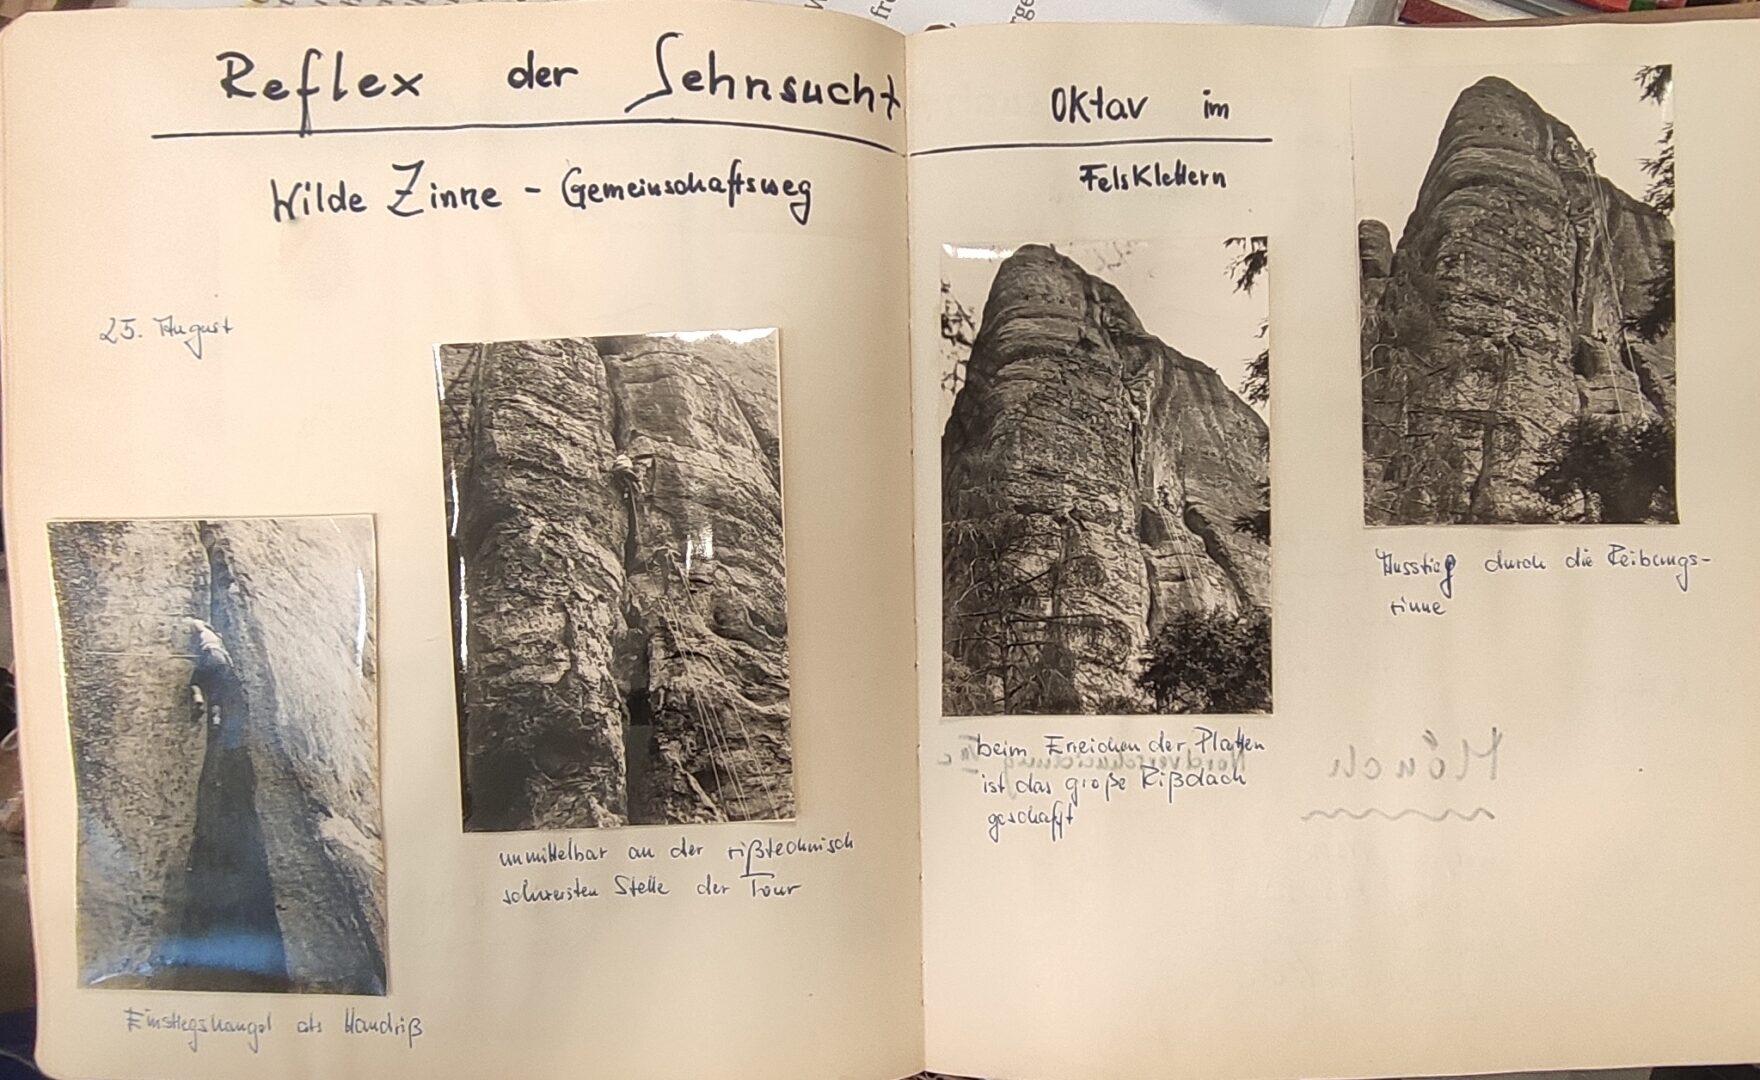 Bergfahrtenbuch mit Fotos der Besteigung Wilde Zinne - Gemeinschaftsweg